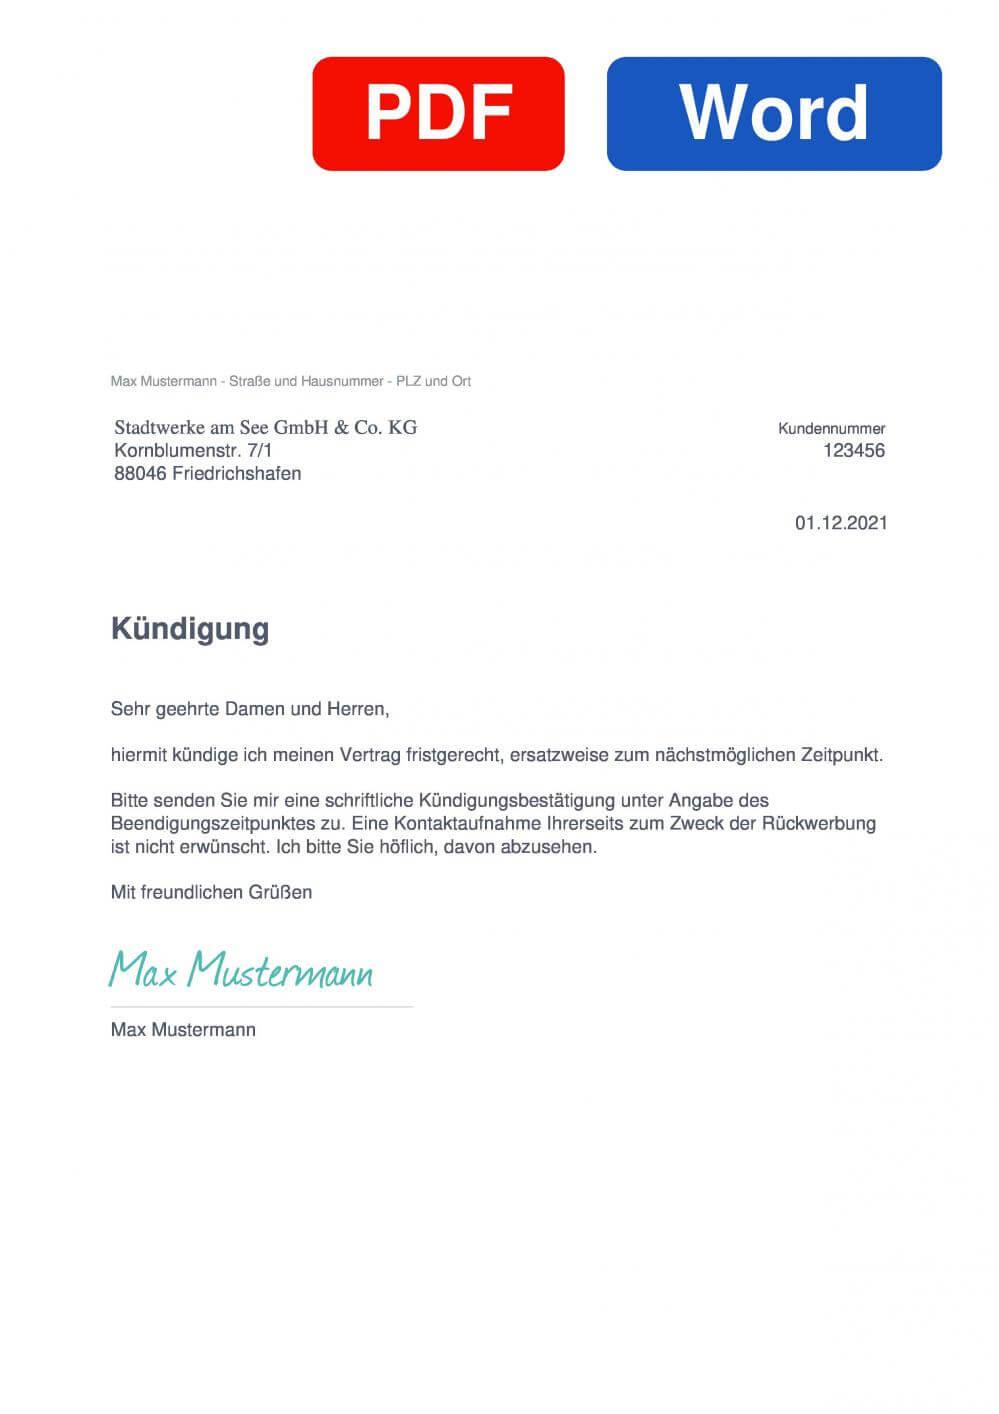 Bodensee Energie Muster Vorlage für Kündigungsschreiben